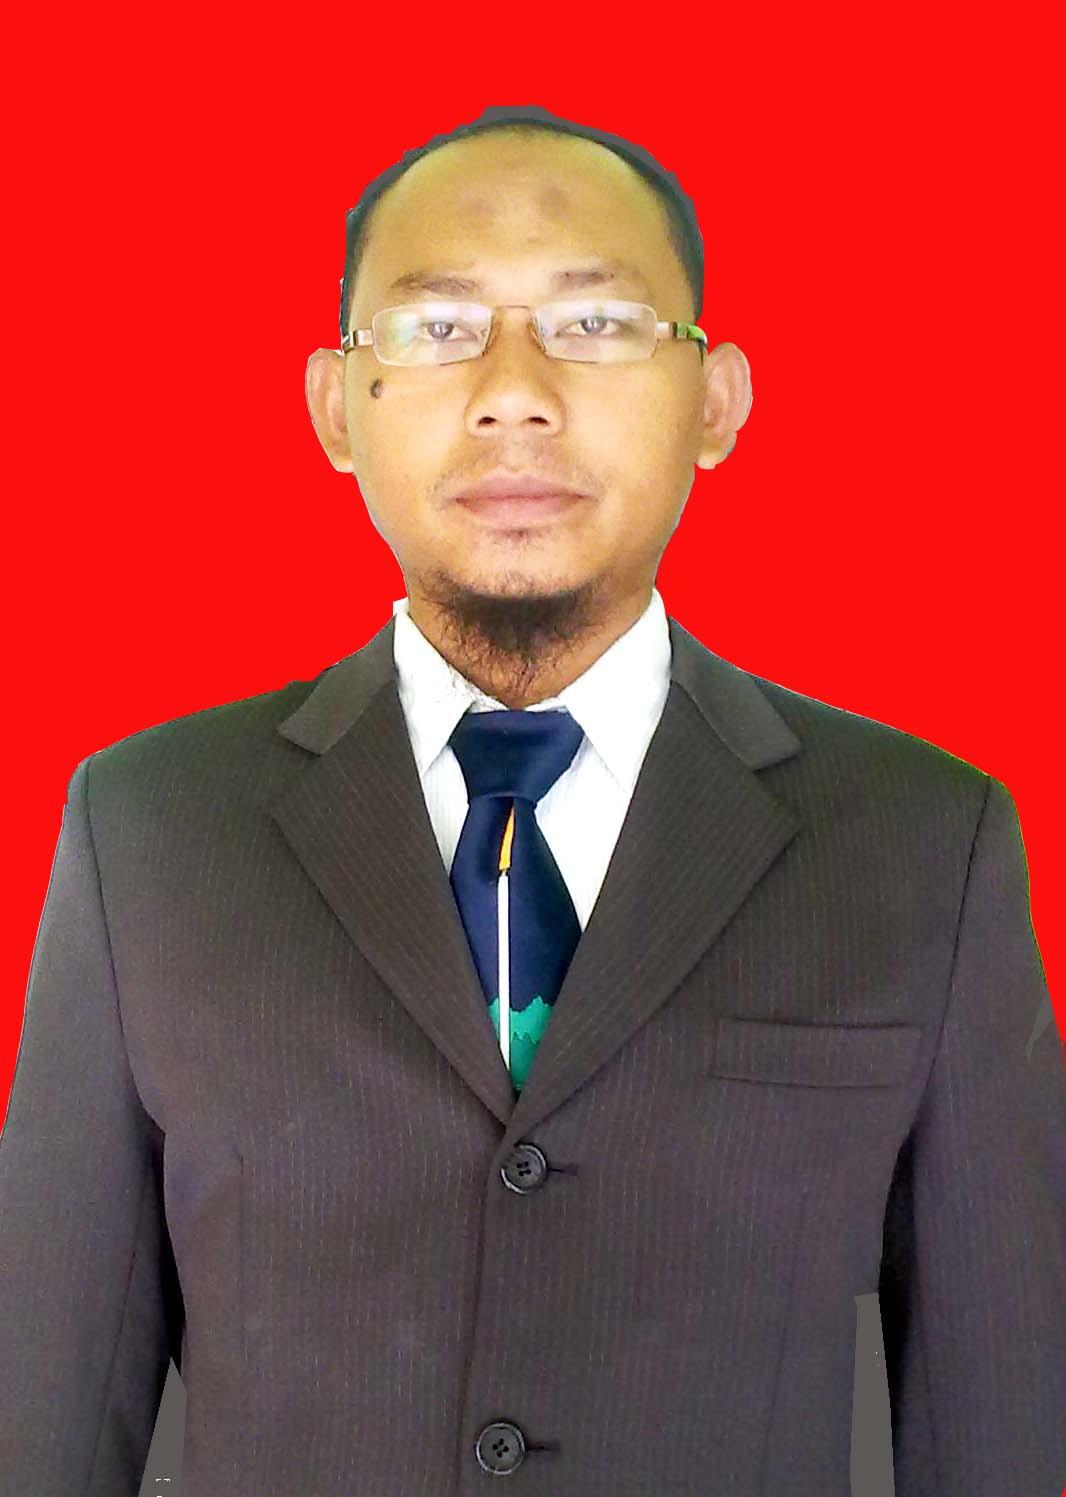 nainggolan siswa uan soal 32 the 2011 21 nasional menentukan